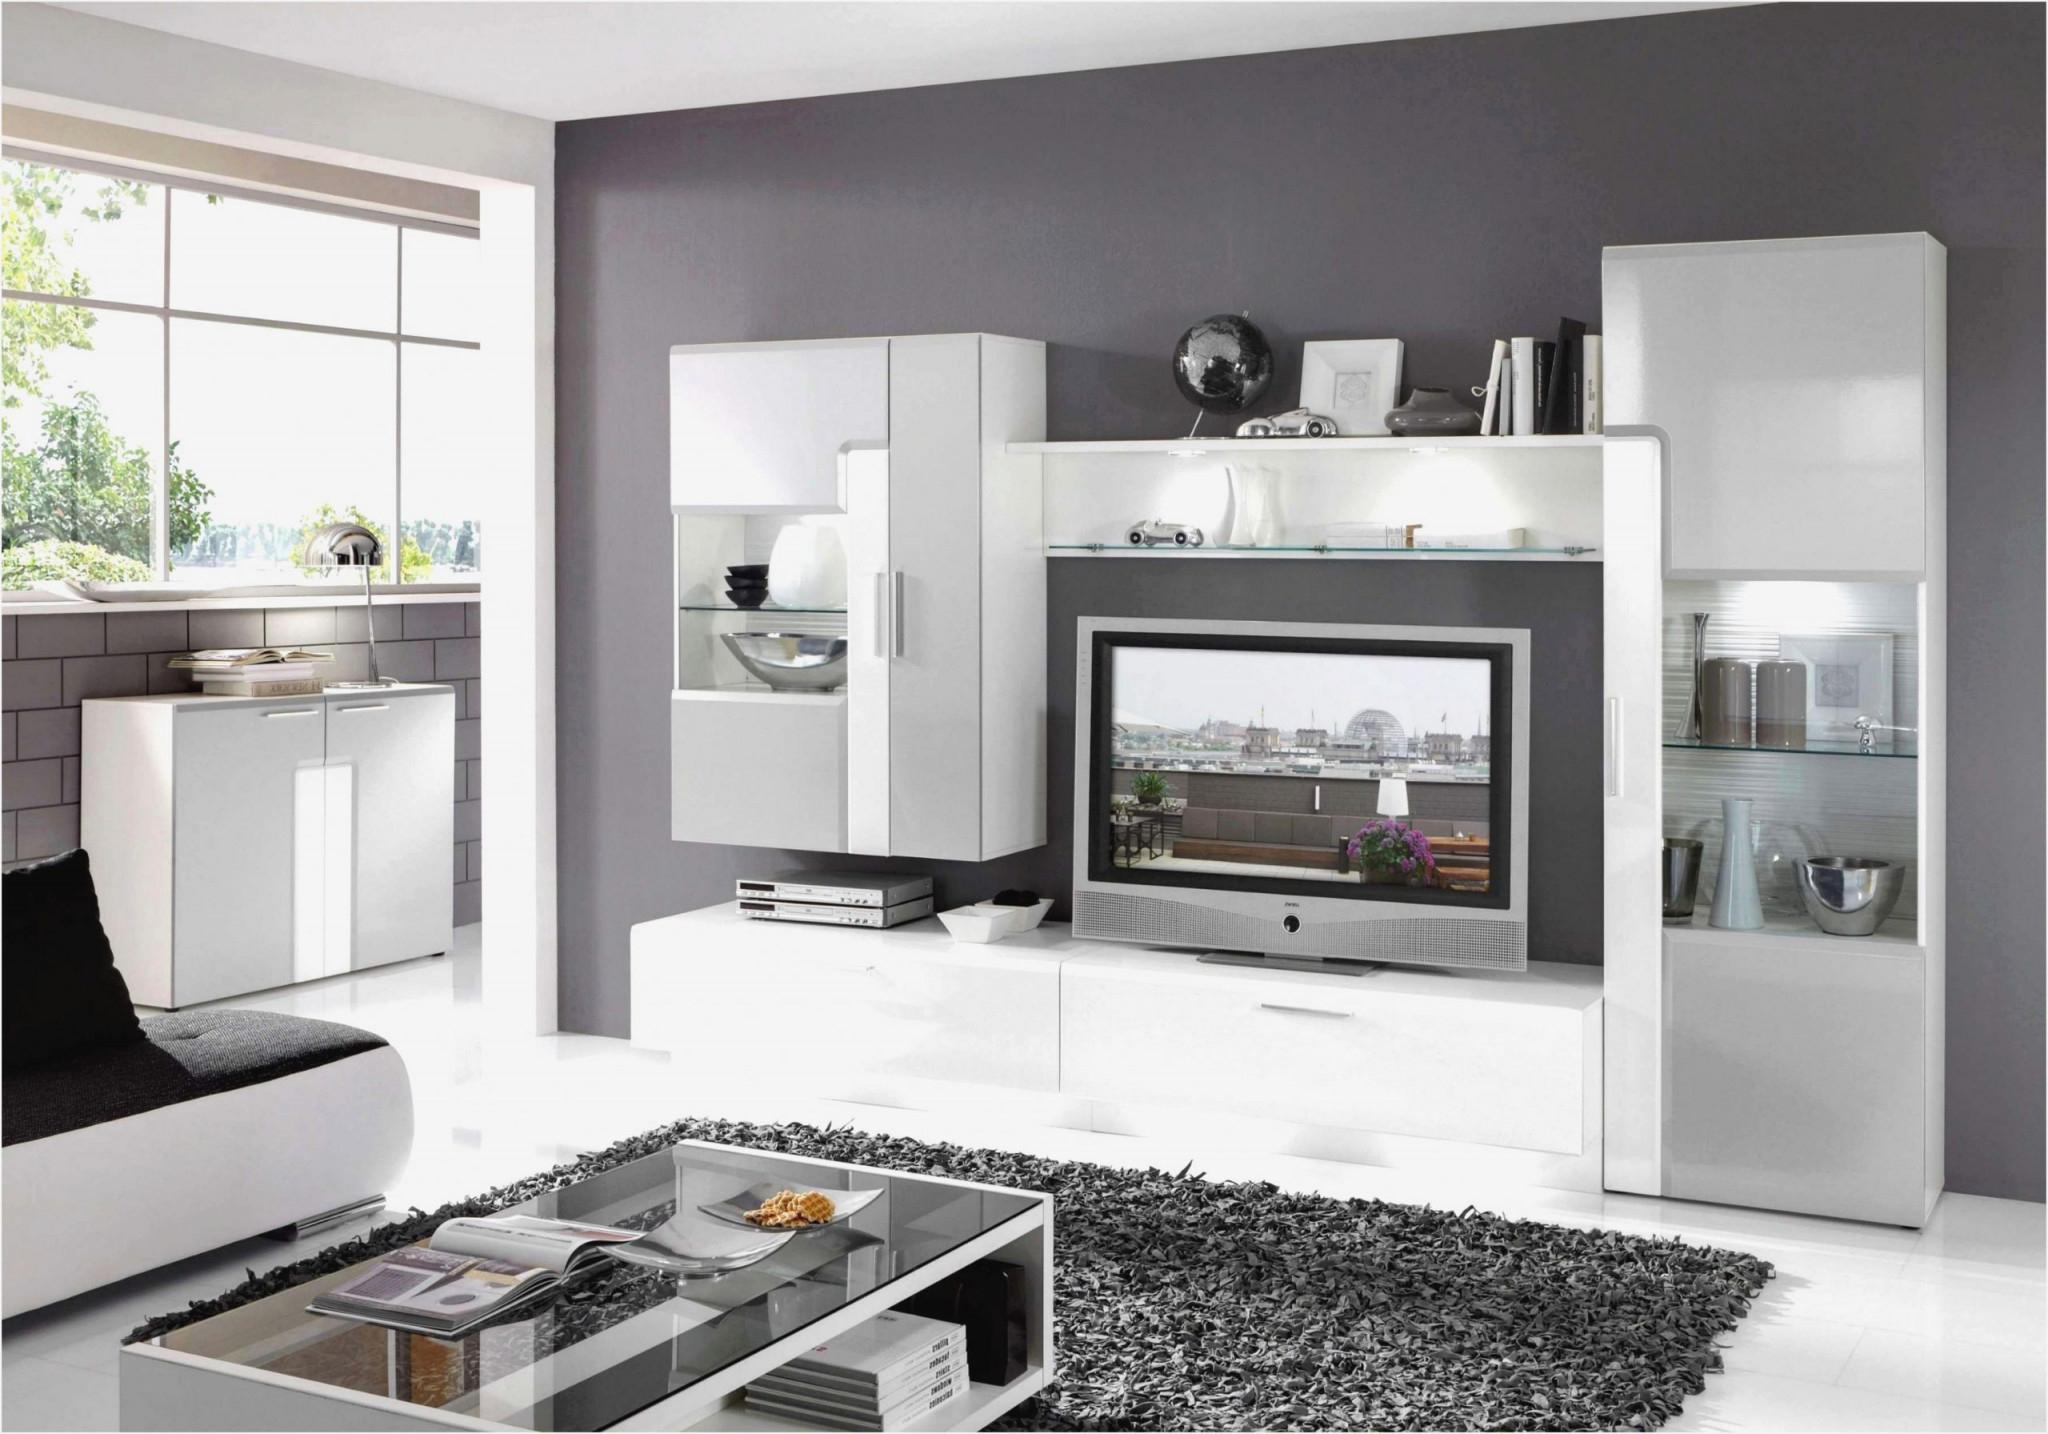 Wohnzimmer Ideen Modern Eckschran  Wohnzimmer  Traumhaus von Wohnzimmer Ideen Modern Bild